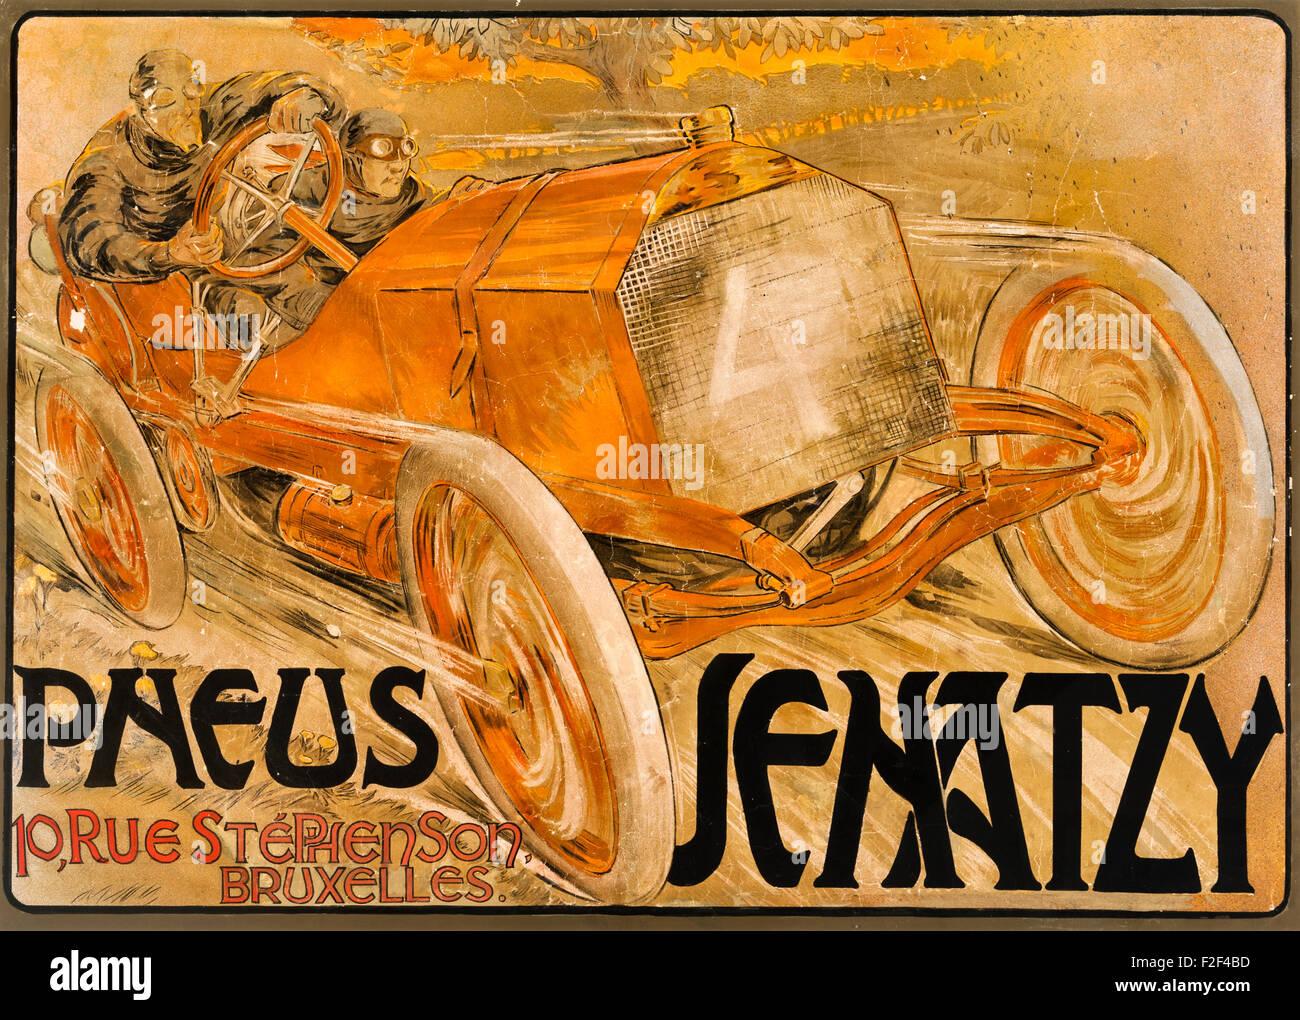 1906-Pneus Senatzy Automobil Rennen Poster von Georges Gaudy, Werbung Senatzy Pkw-Reifen Stockbild